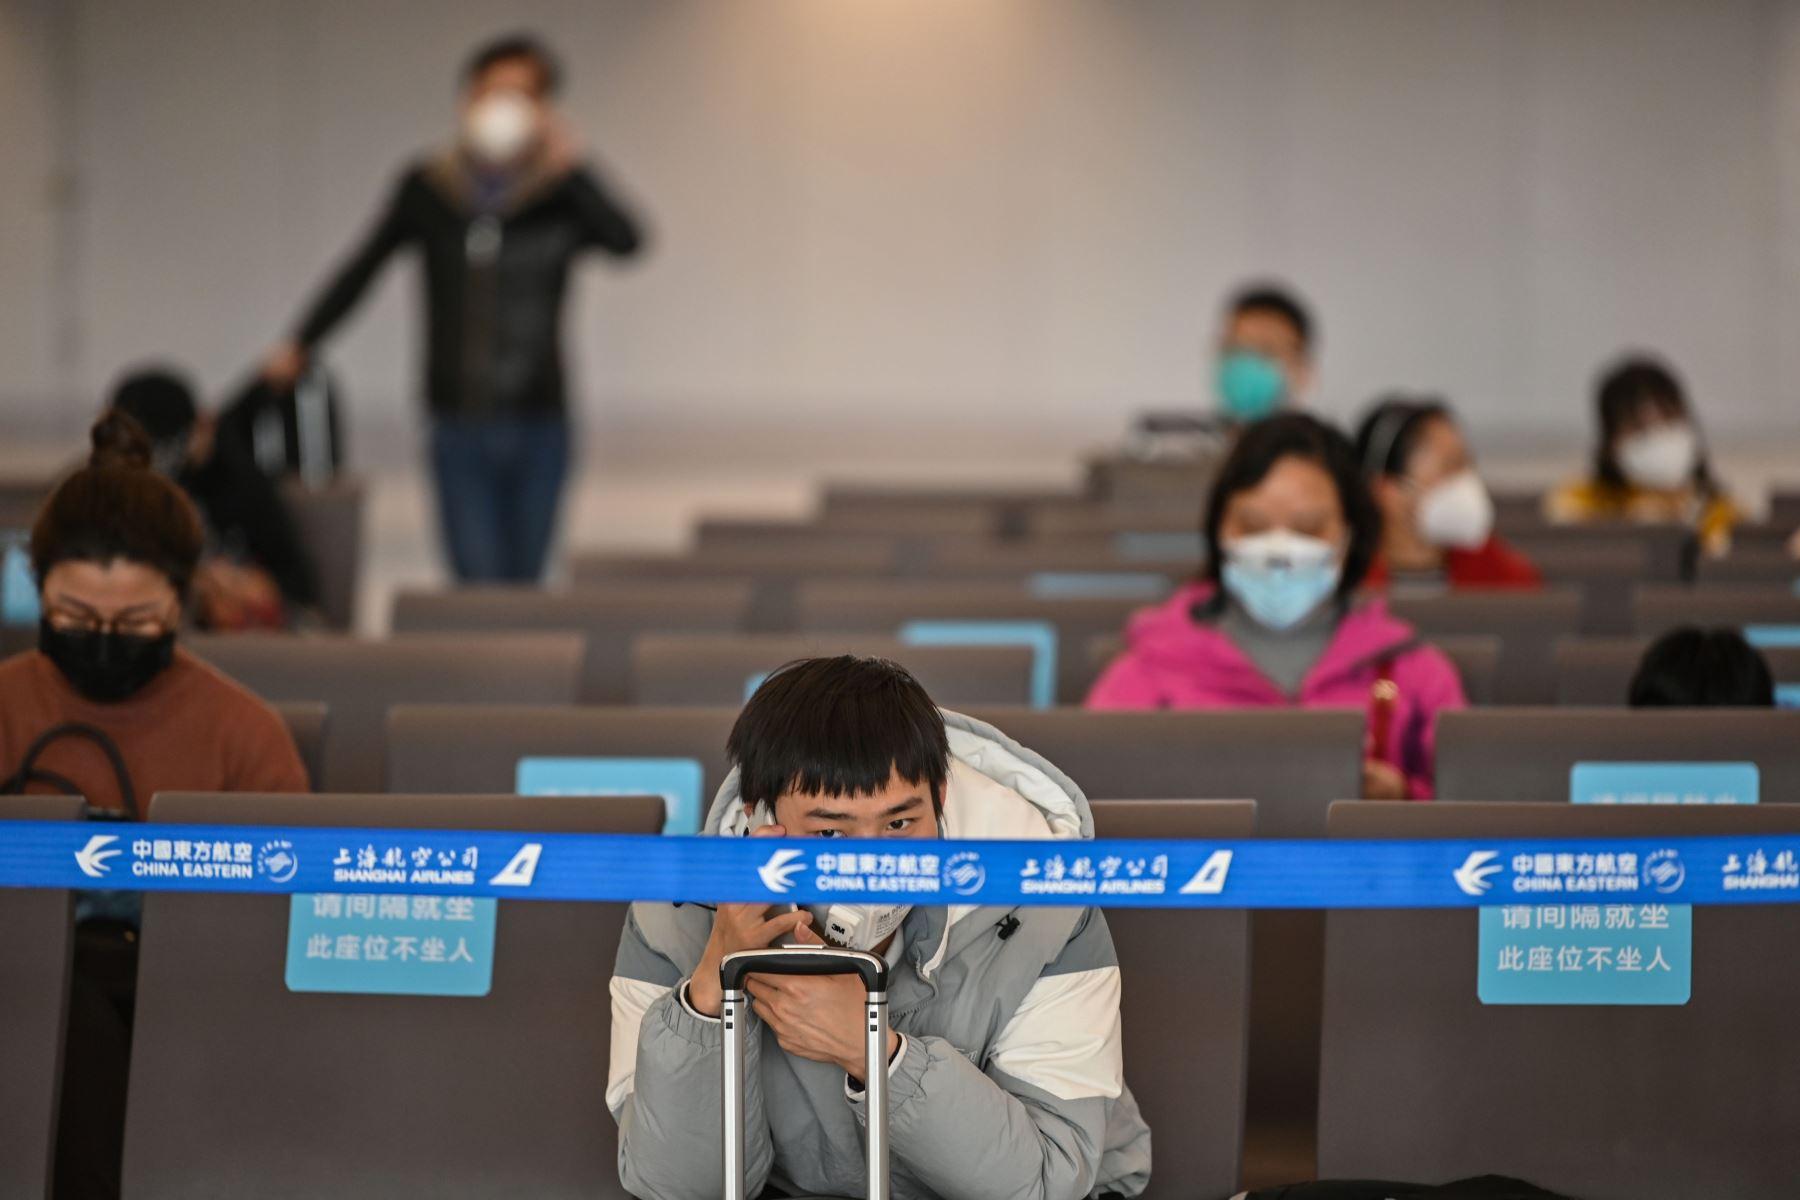 Los pasajeros con máscaras faciales se sientan en el aeropuerto de Tianhe después de que reabrió en Wuhan, en la provincia central china de Hubei. Foto: AFP